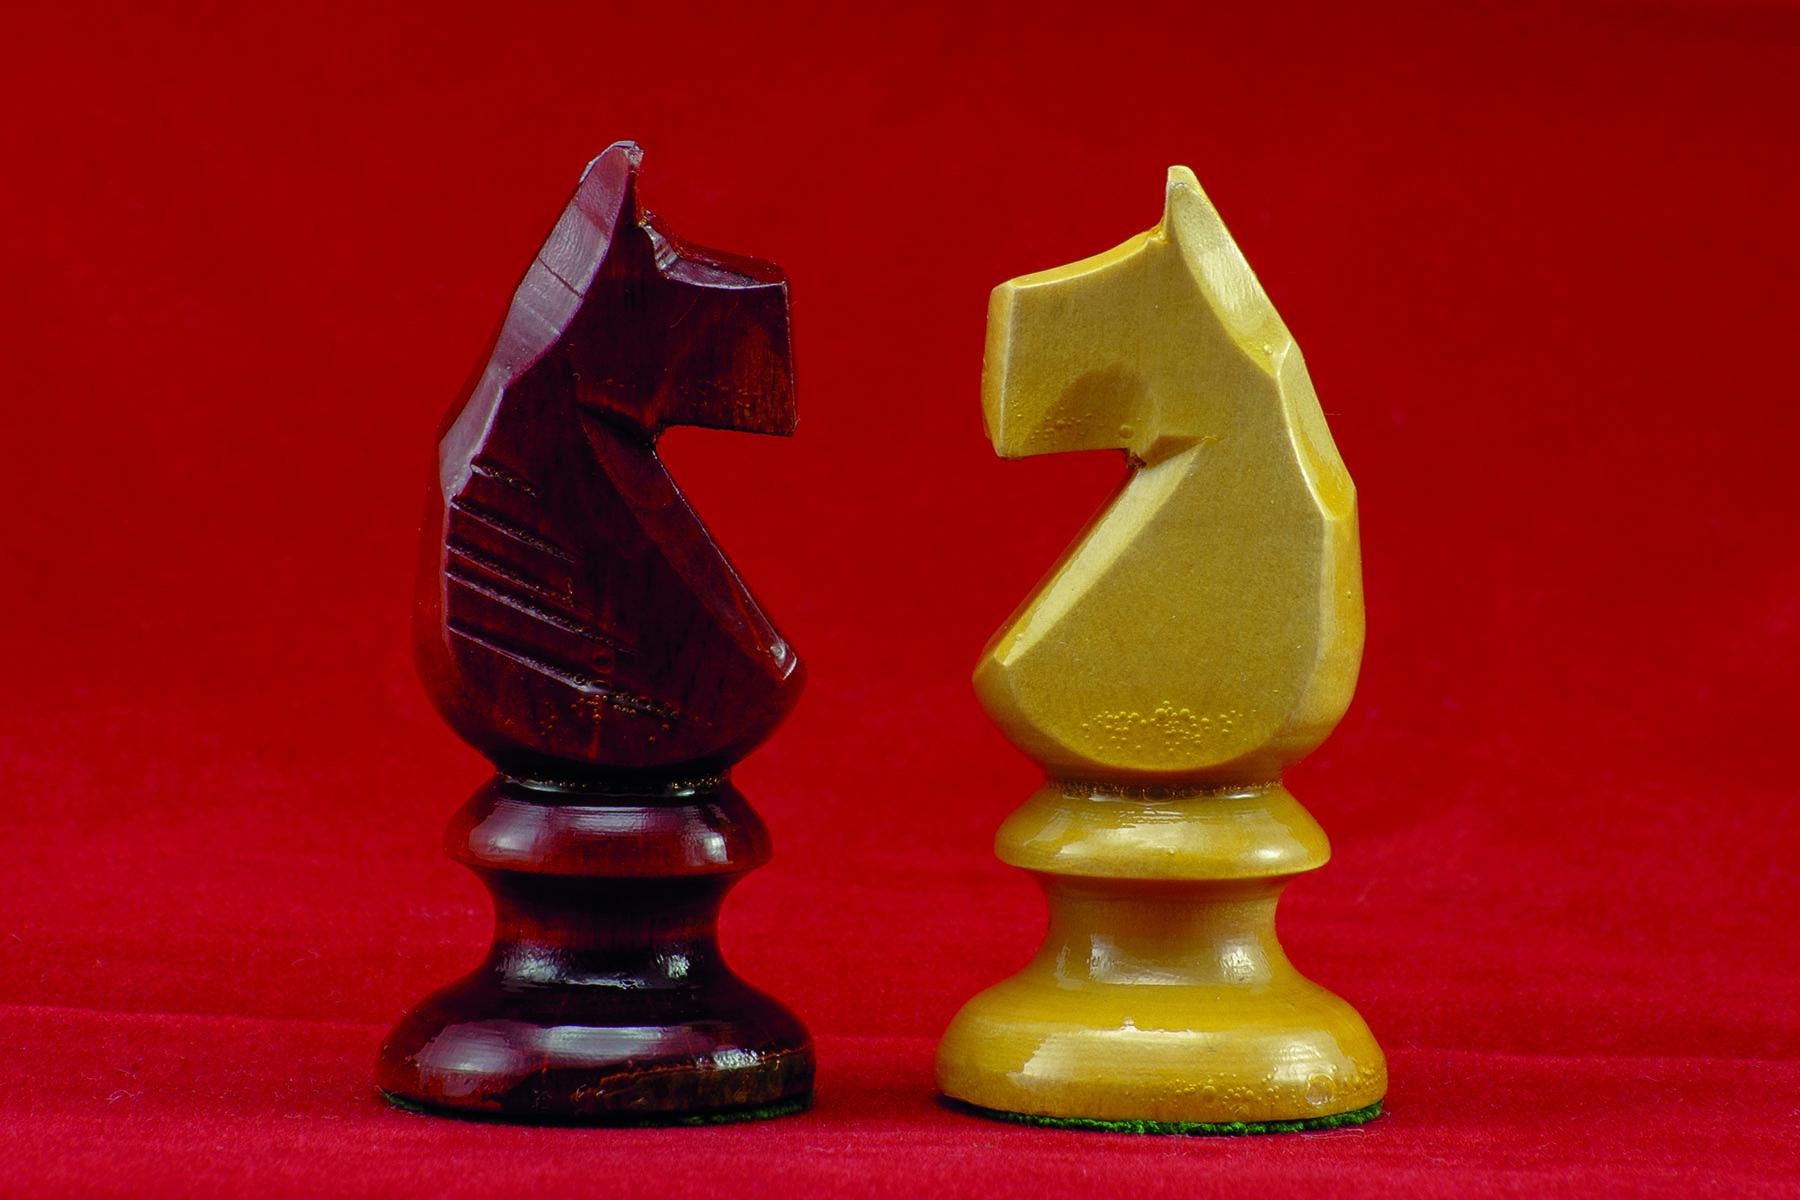 En röd och en vit springare i schack står öga mot öga